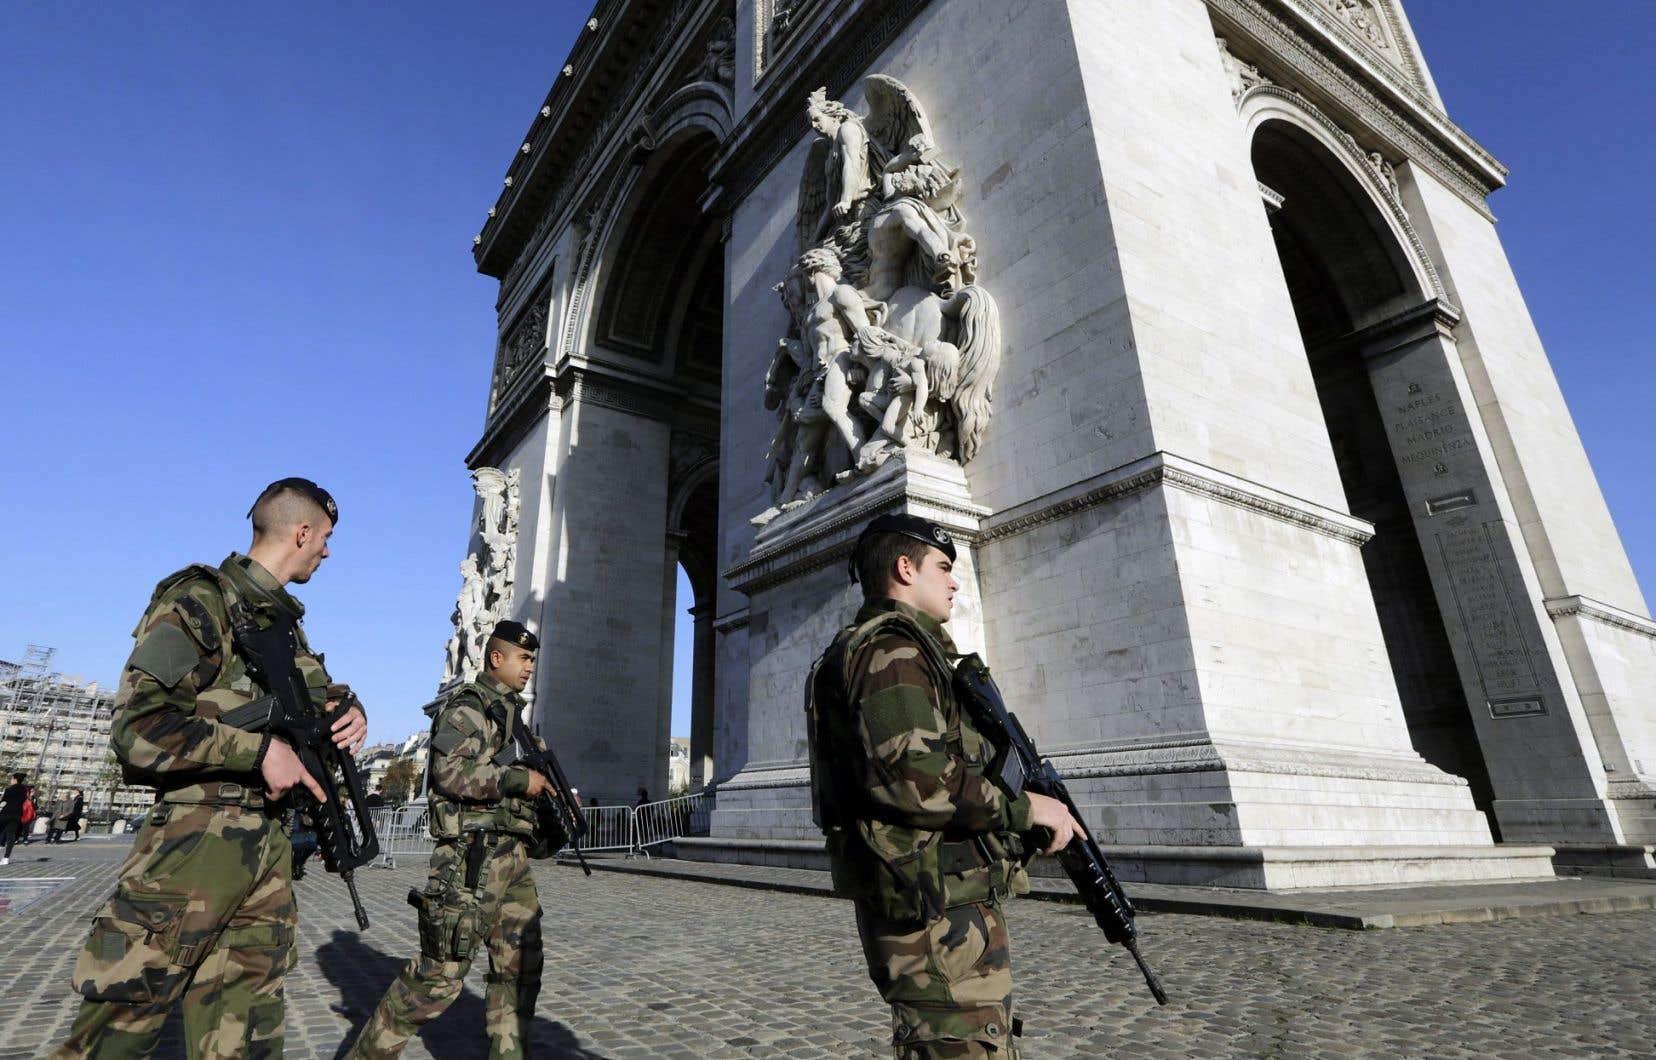 Des soldats gardaient l'Arc de triomphe, haut lieu touristique, dimanche à Paris. La ville pourrait connaître une saison tranquille.